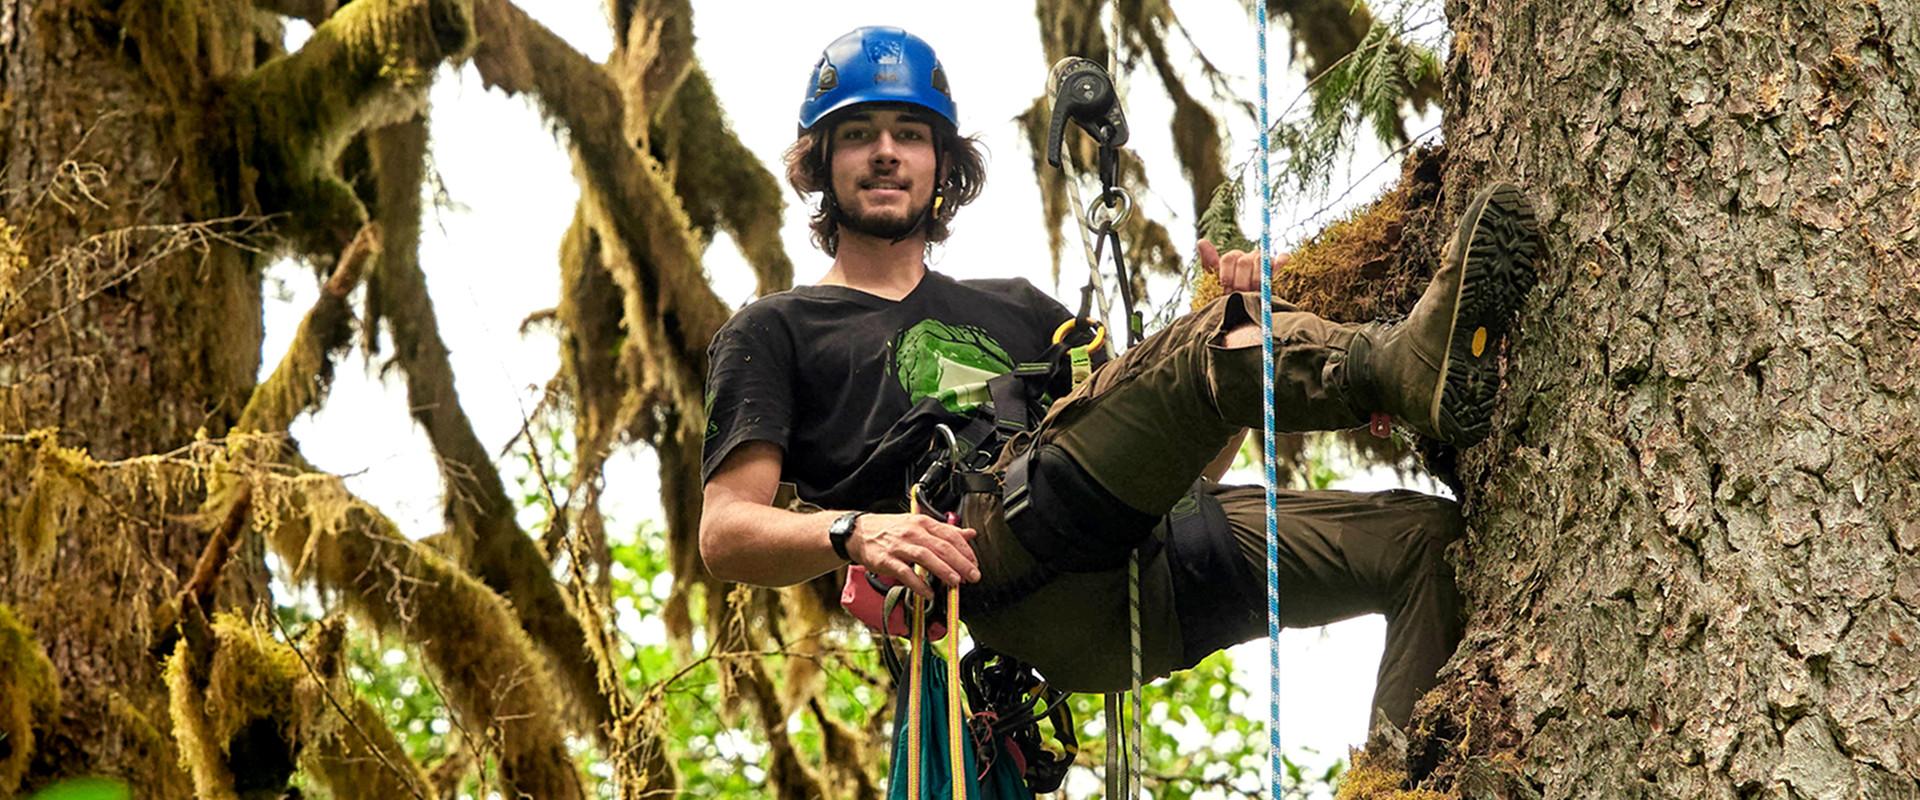 Kletterer im Baum